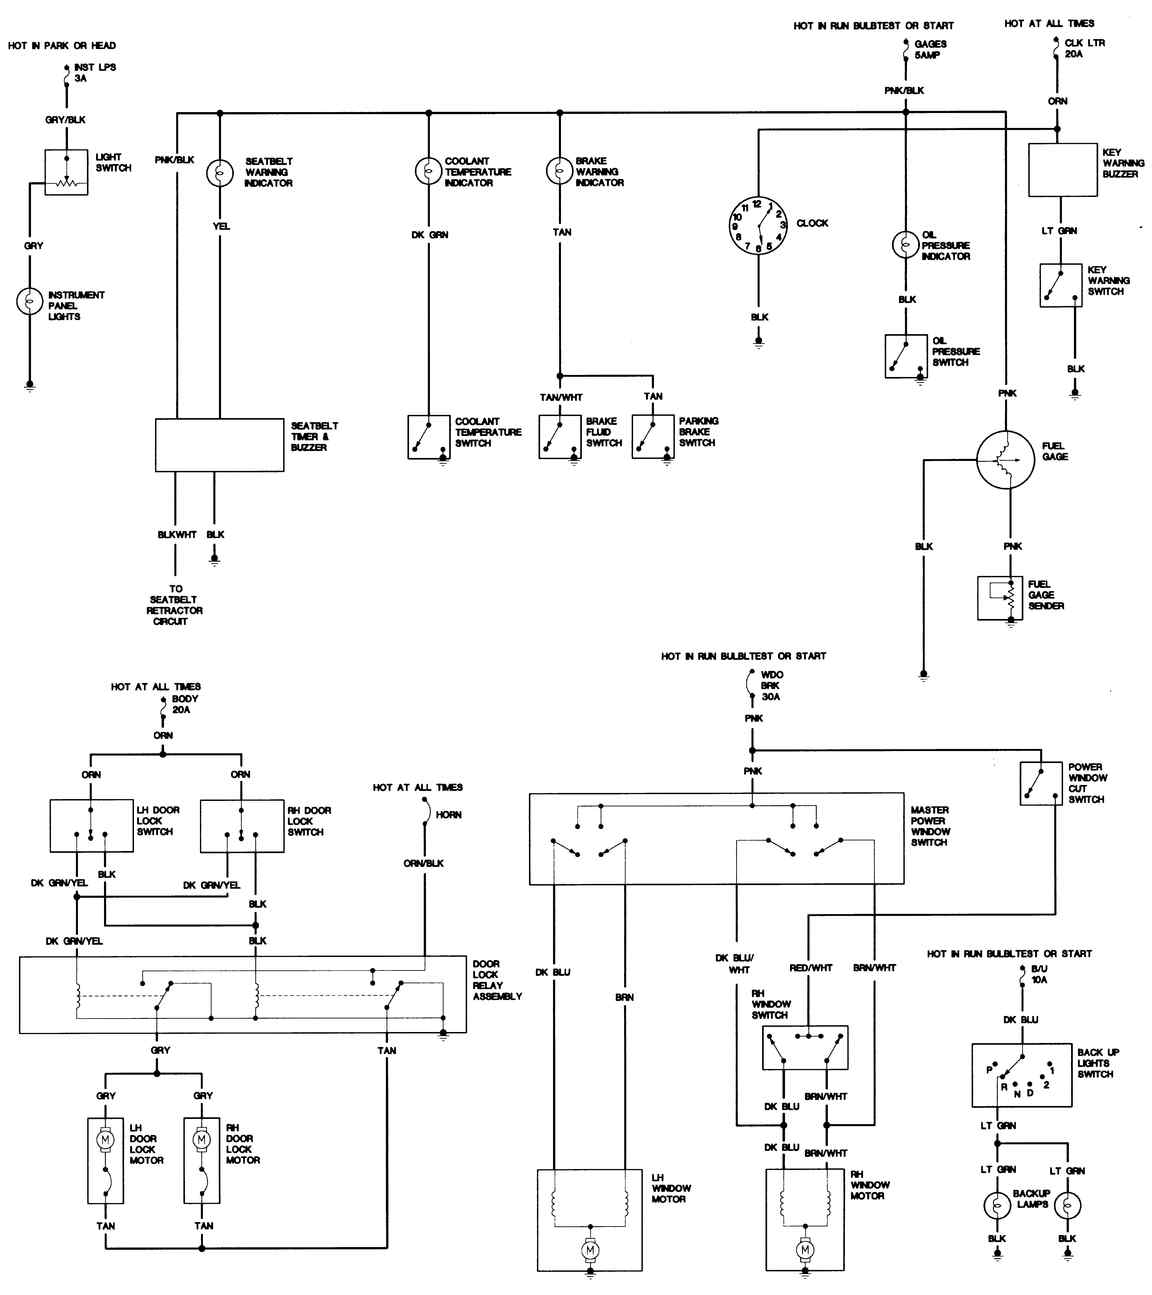 1998 cadillac deville radio wiring diagram cadillac eldorado blows fuses 2000 cadillac deville radio wiring diagram #4